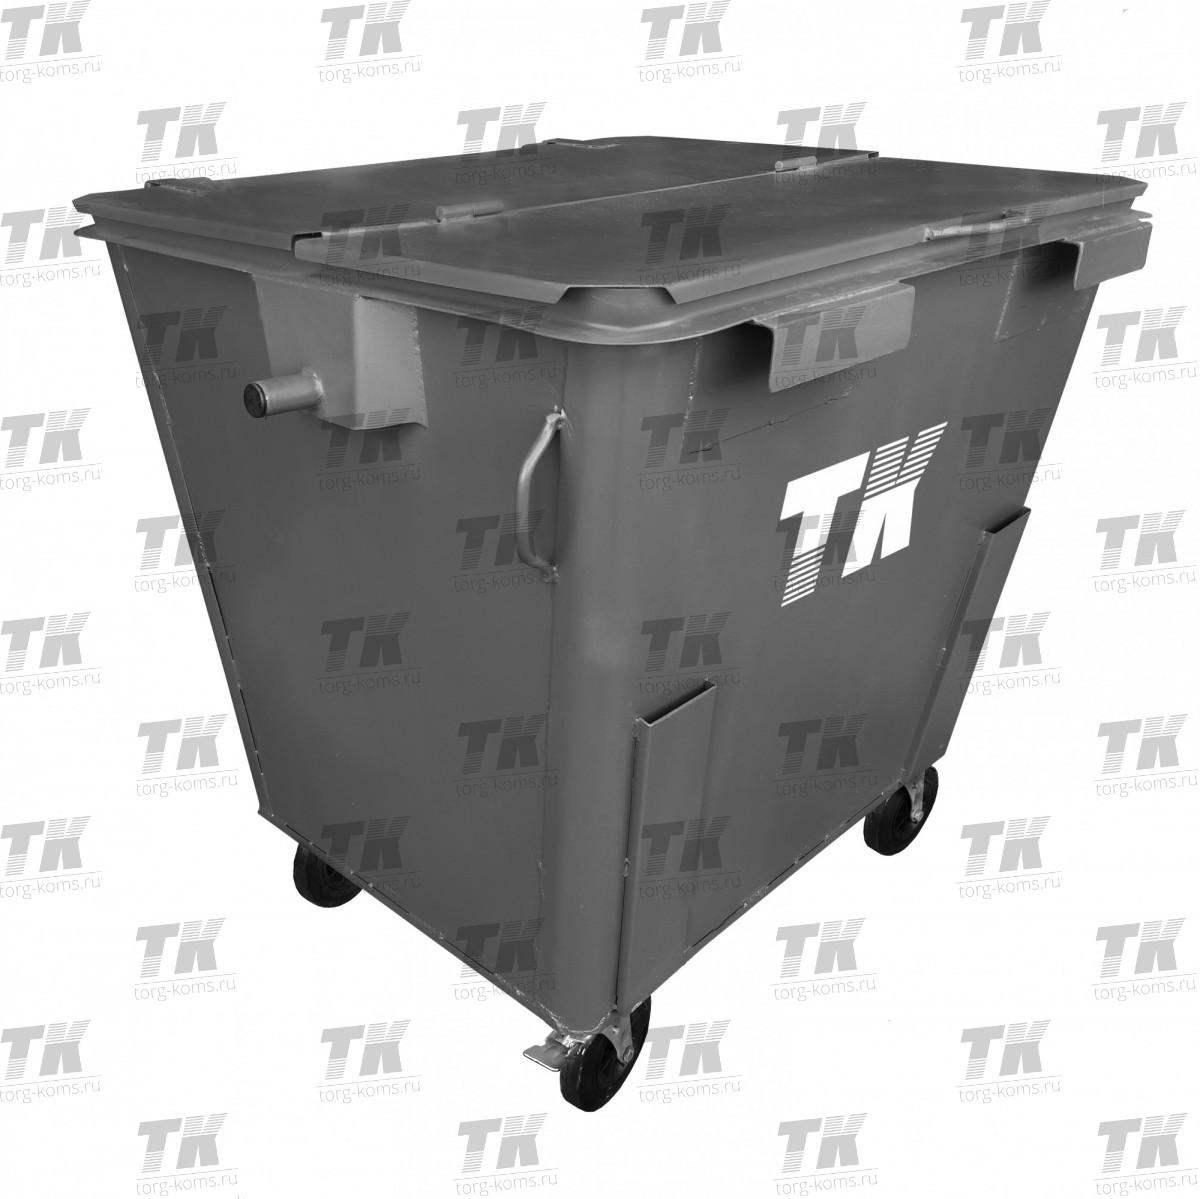 """Контейнер 1.1 м3 """"Standart"""" для отходов"""